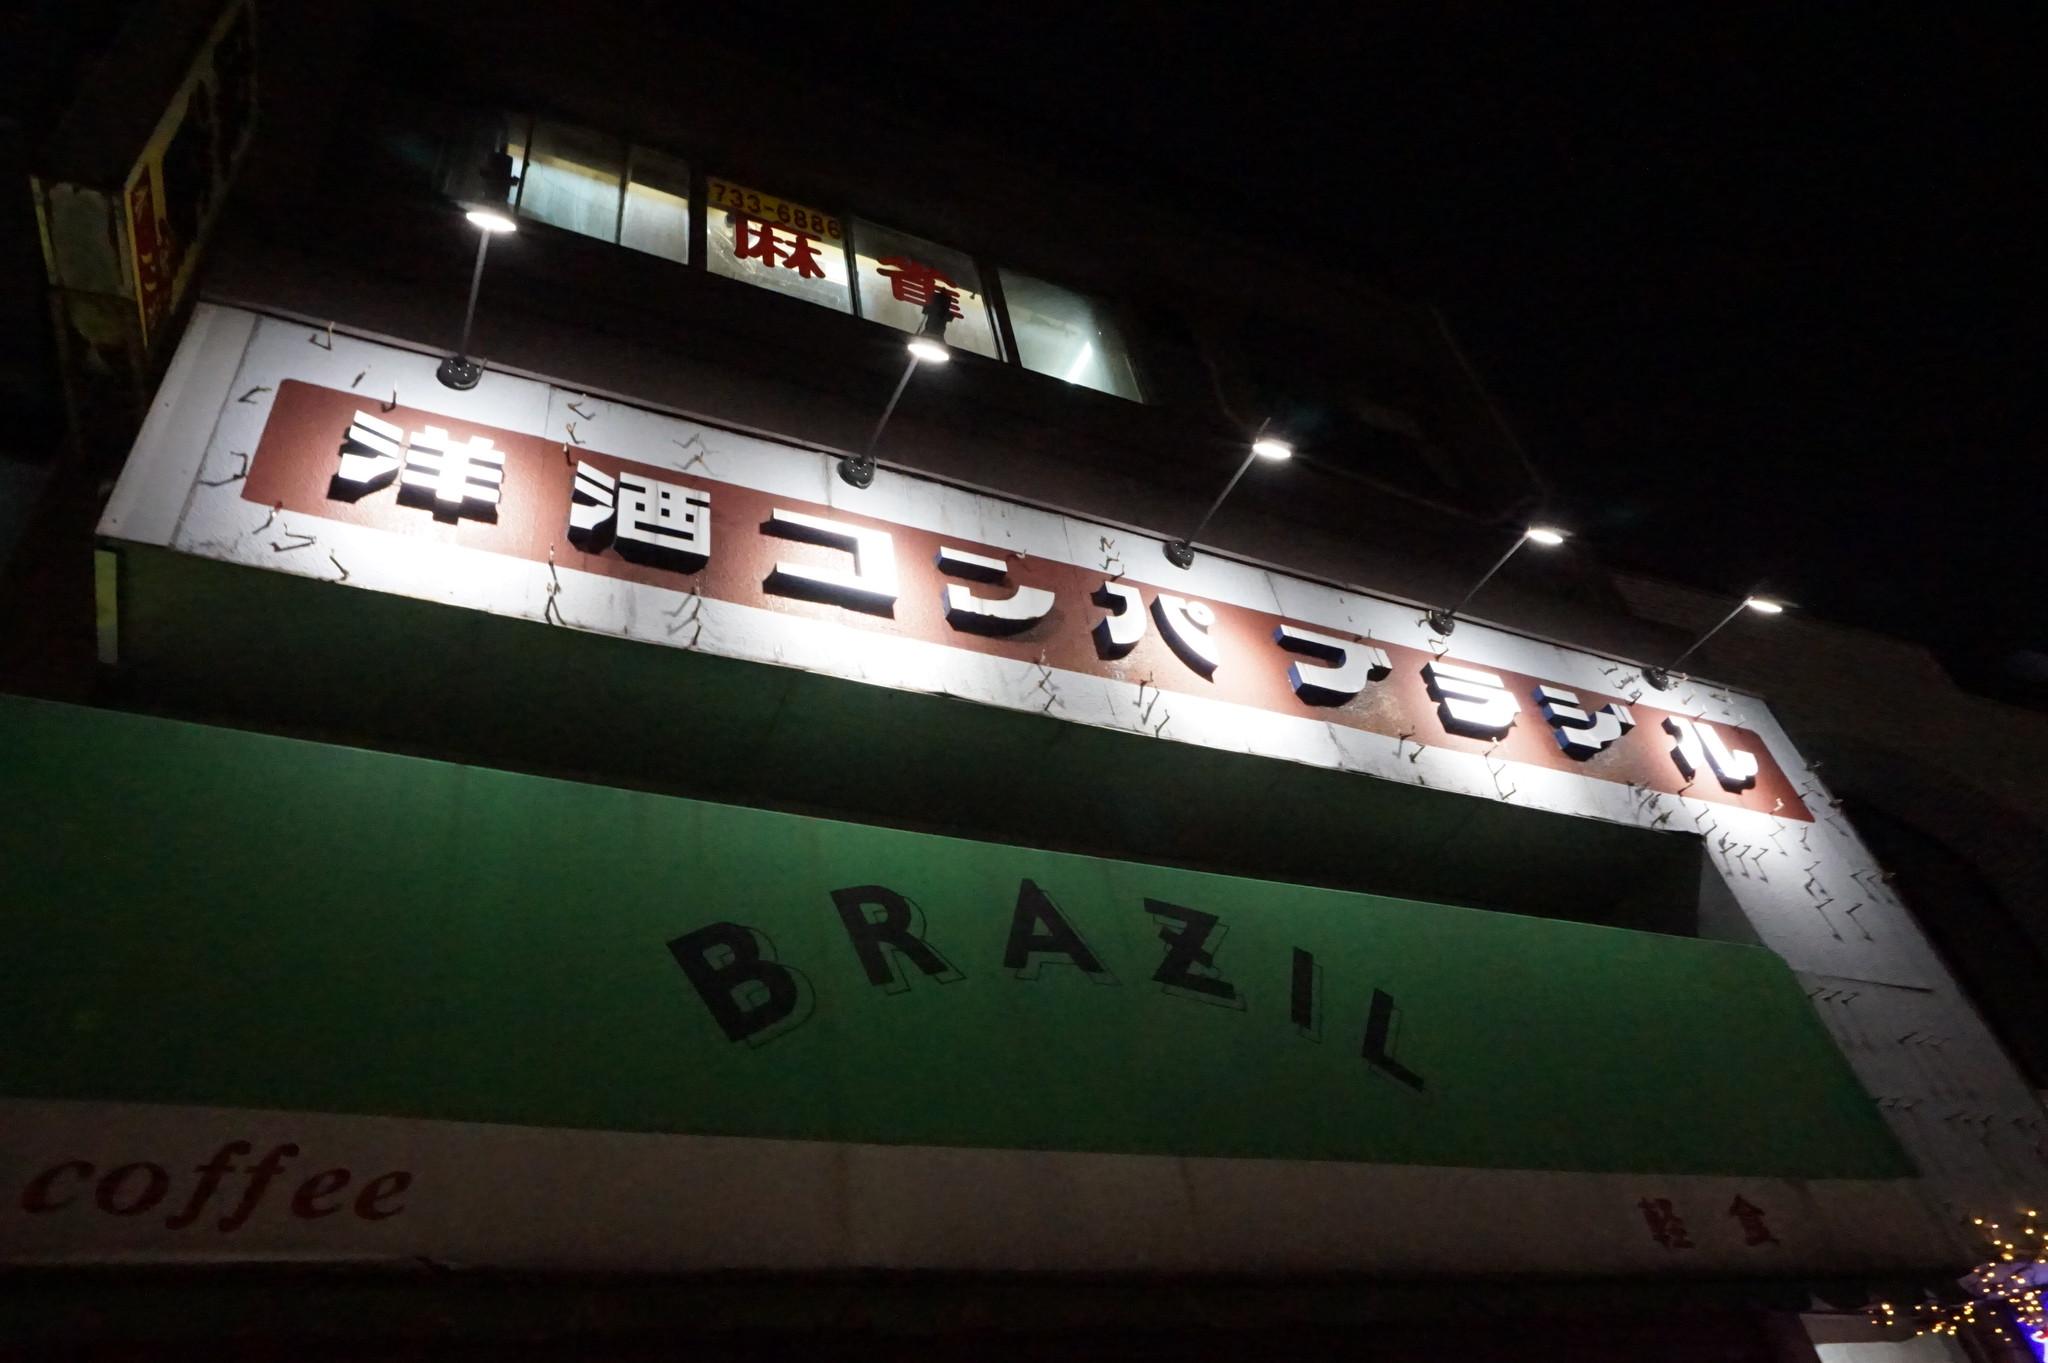 6月27日 武蔵小杉 洋酒 コンパ ブラジルで飲む会を開催いたします。